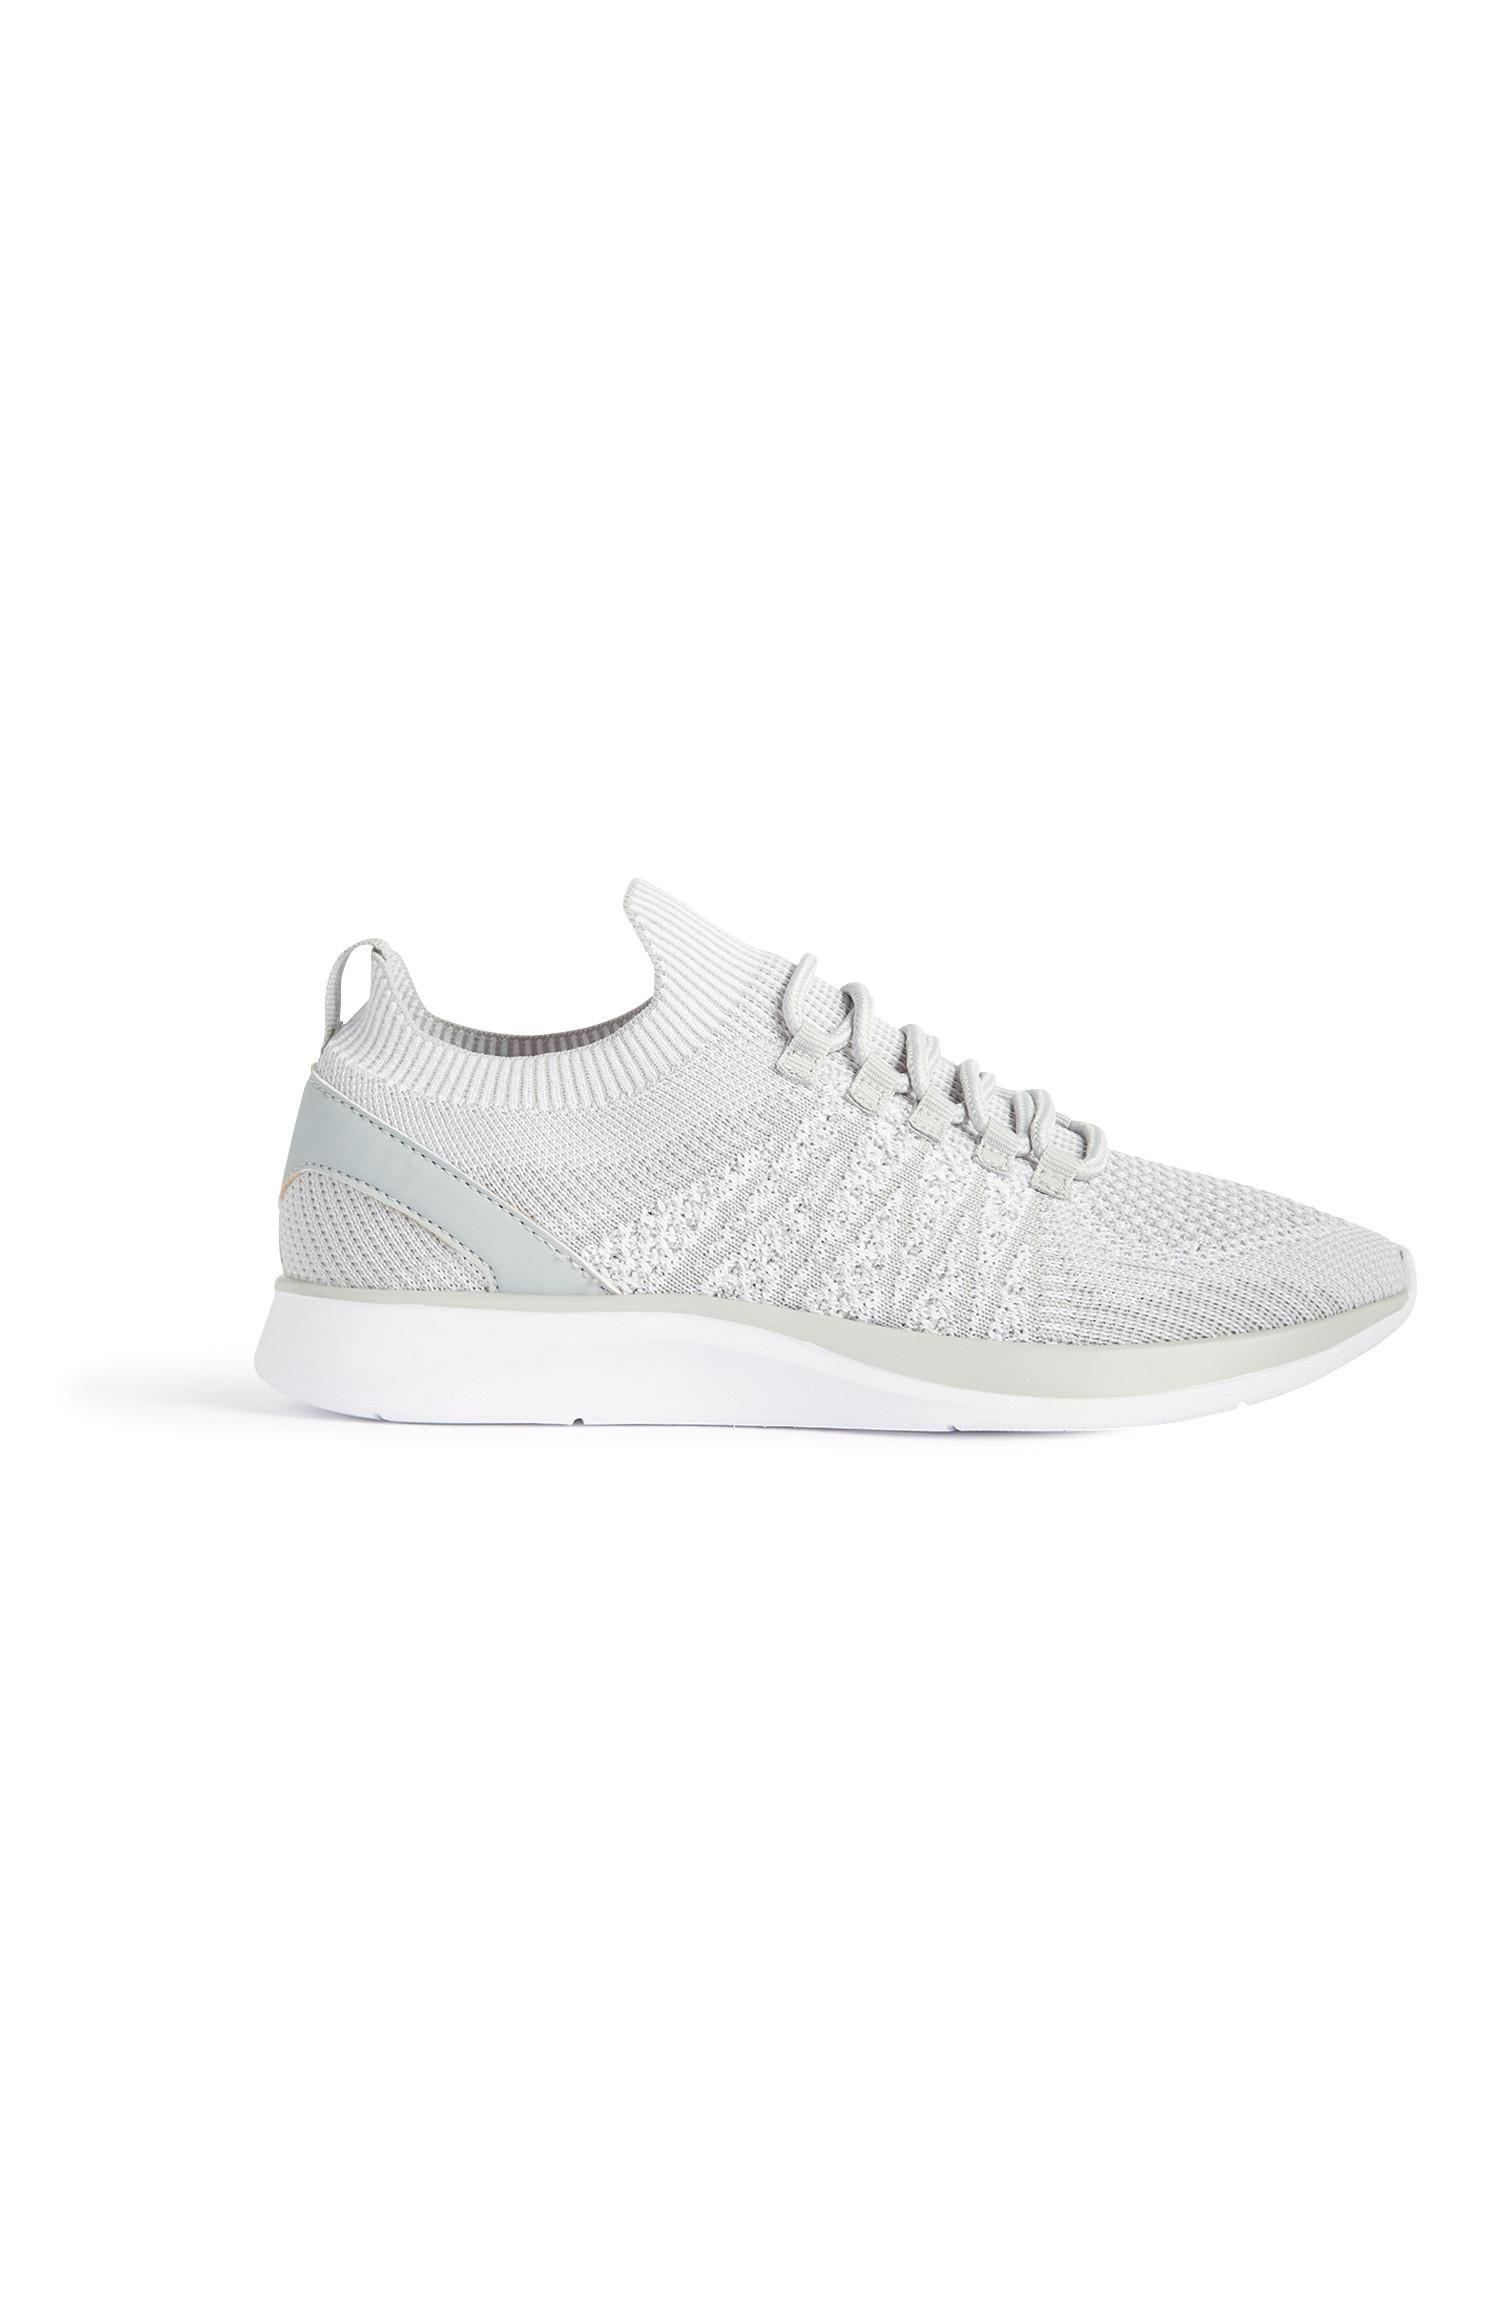 Grey trainers, Primark, Sneakers nike